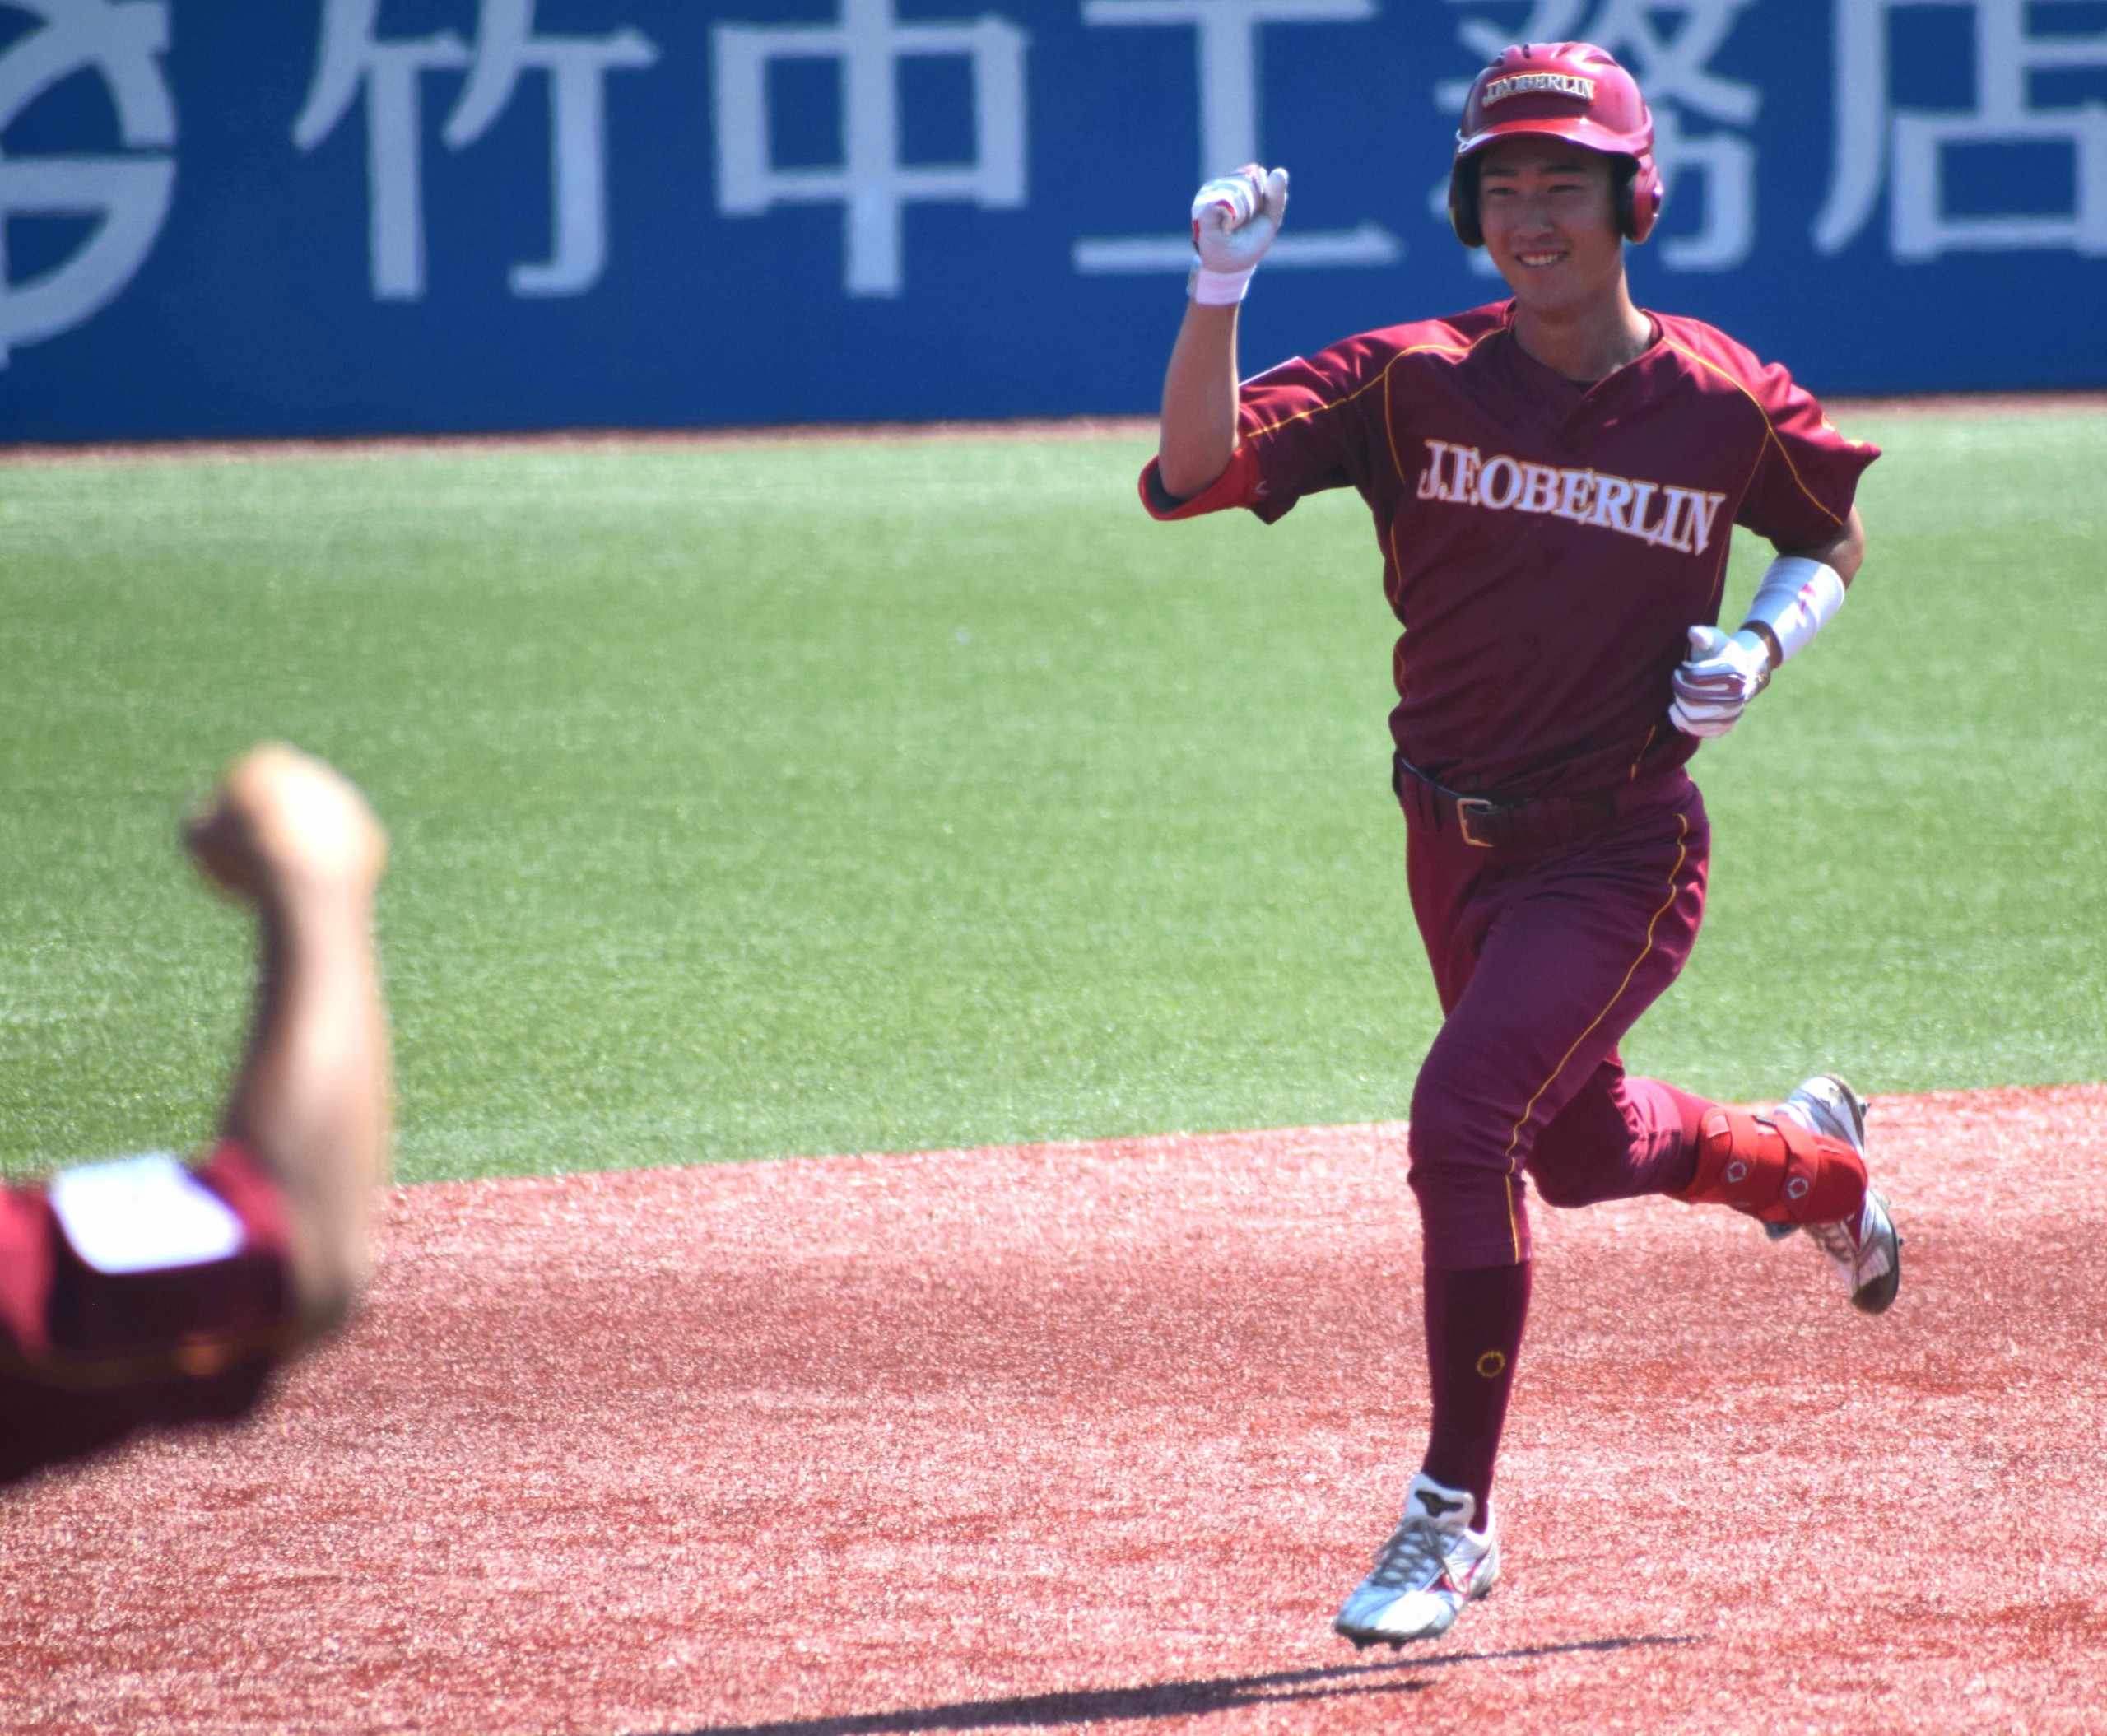 大学選手権で2点本塁打を打った森田智貴